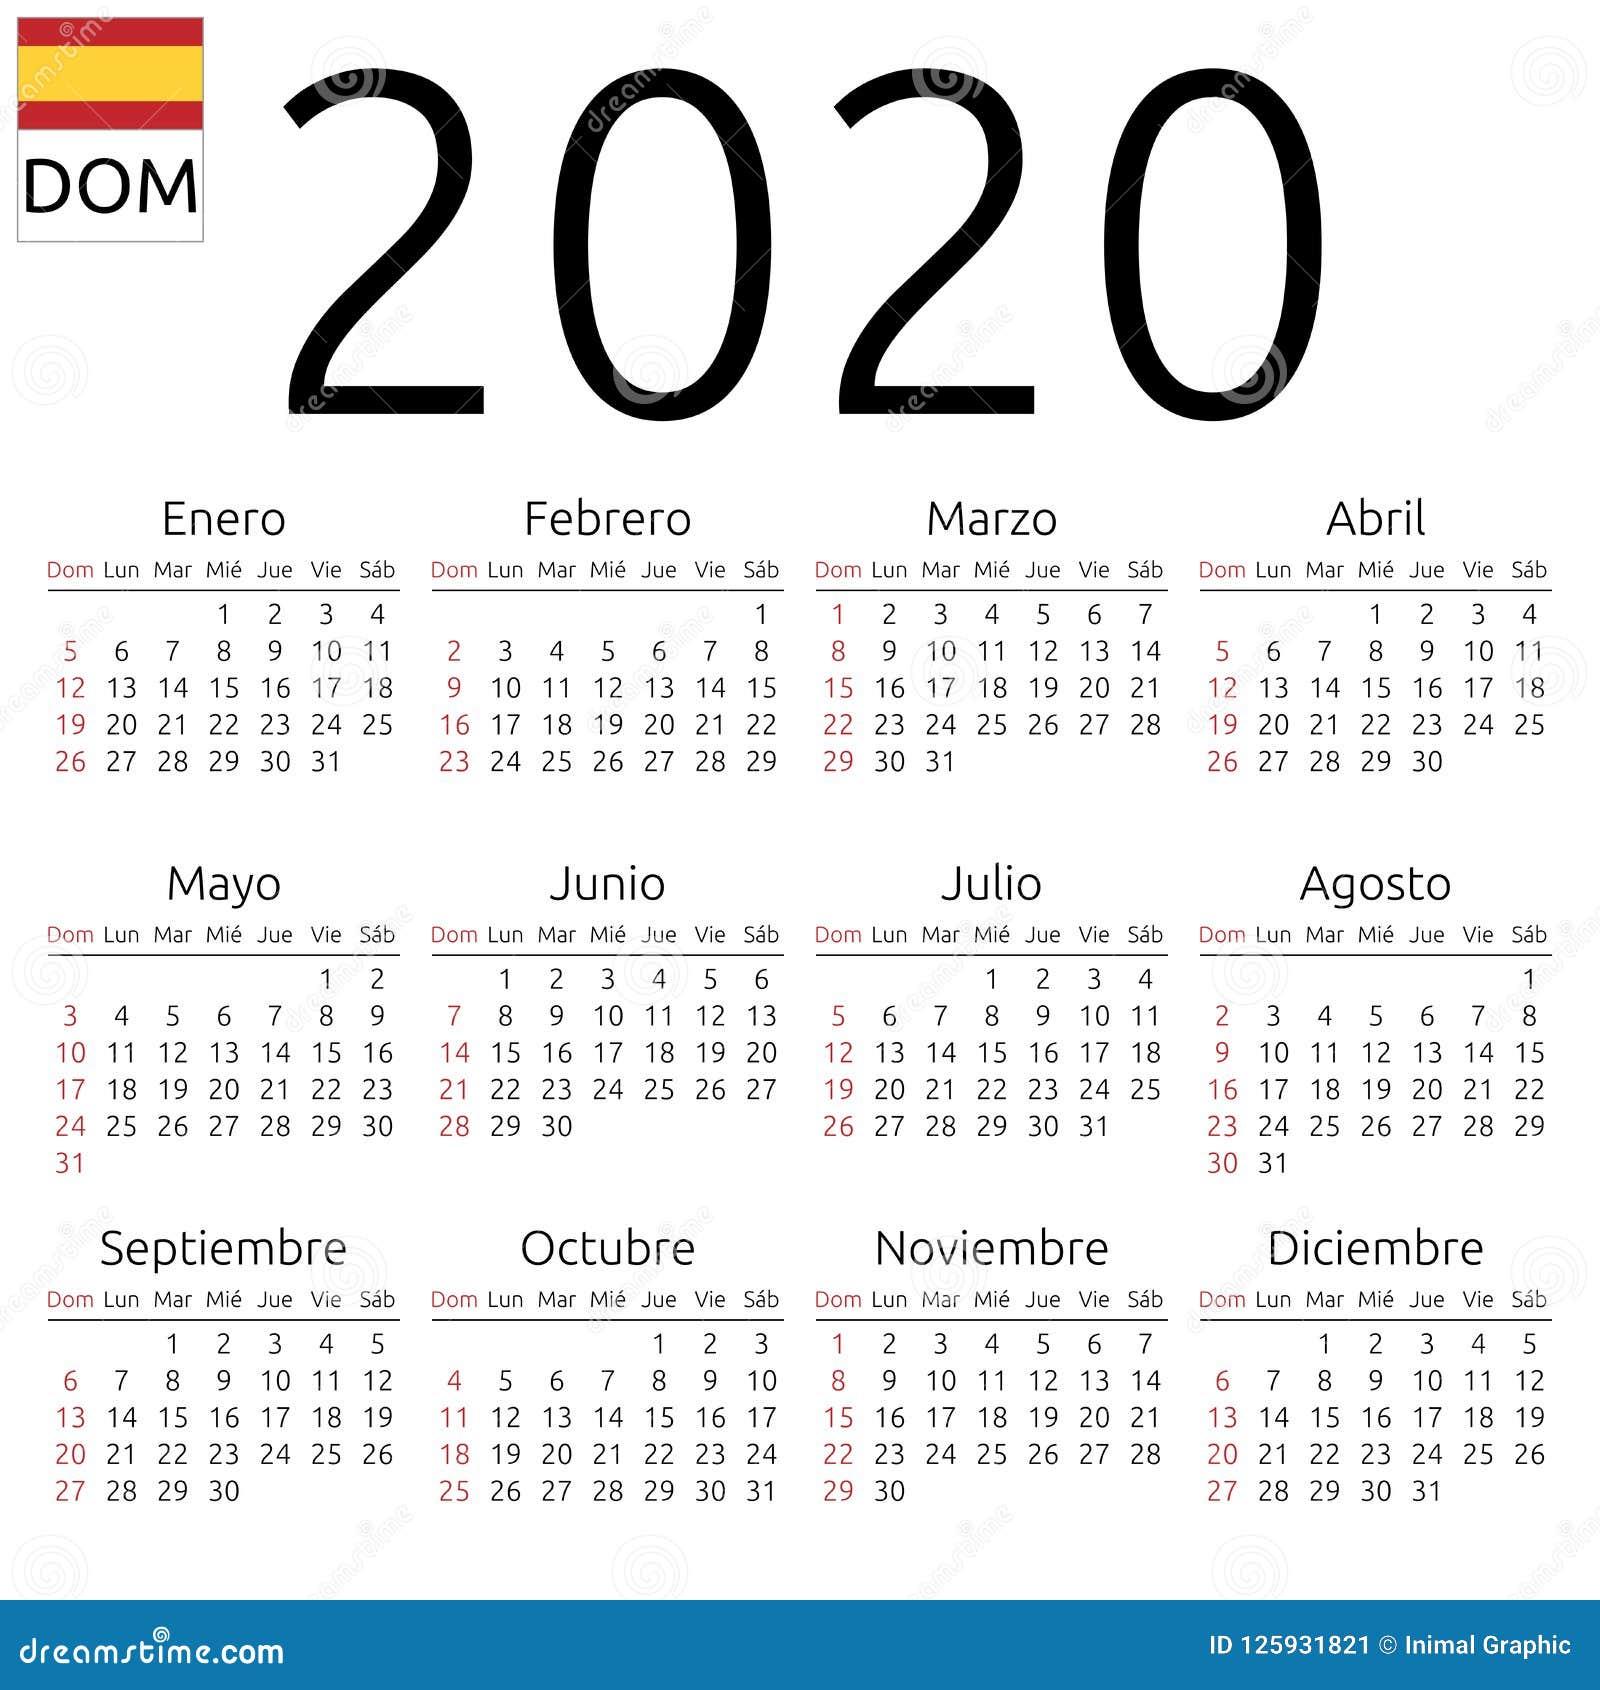 Calendario Spagnolo.Calendario 2020 Spagnolo Domenica Illustrazione Vettoriale